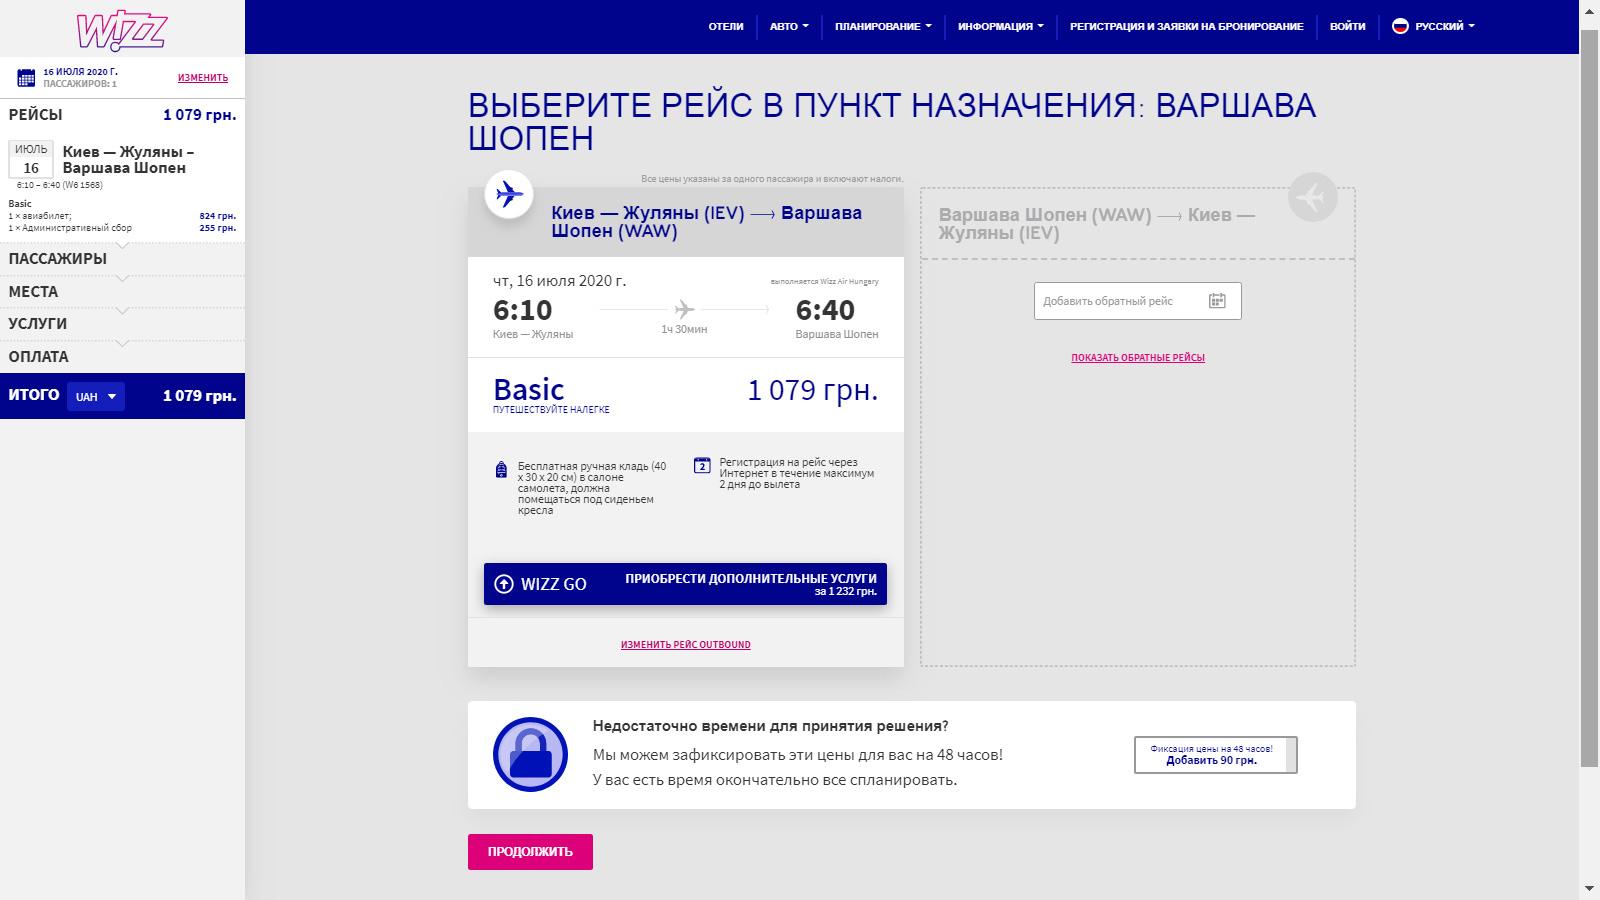 Цена на авиа перелет из Киева в Варшаву